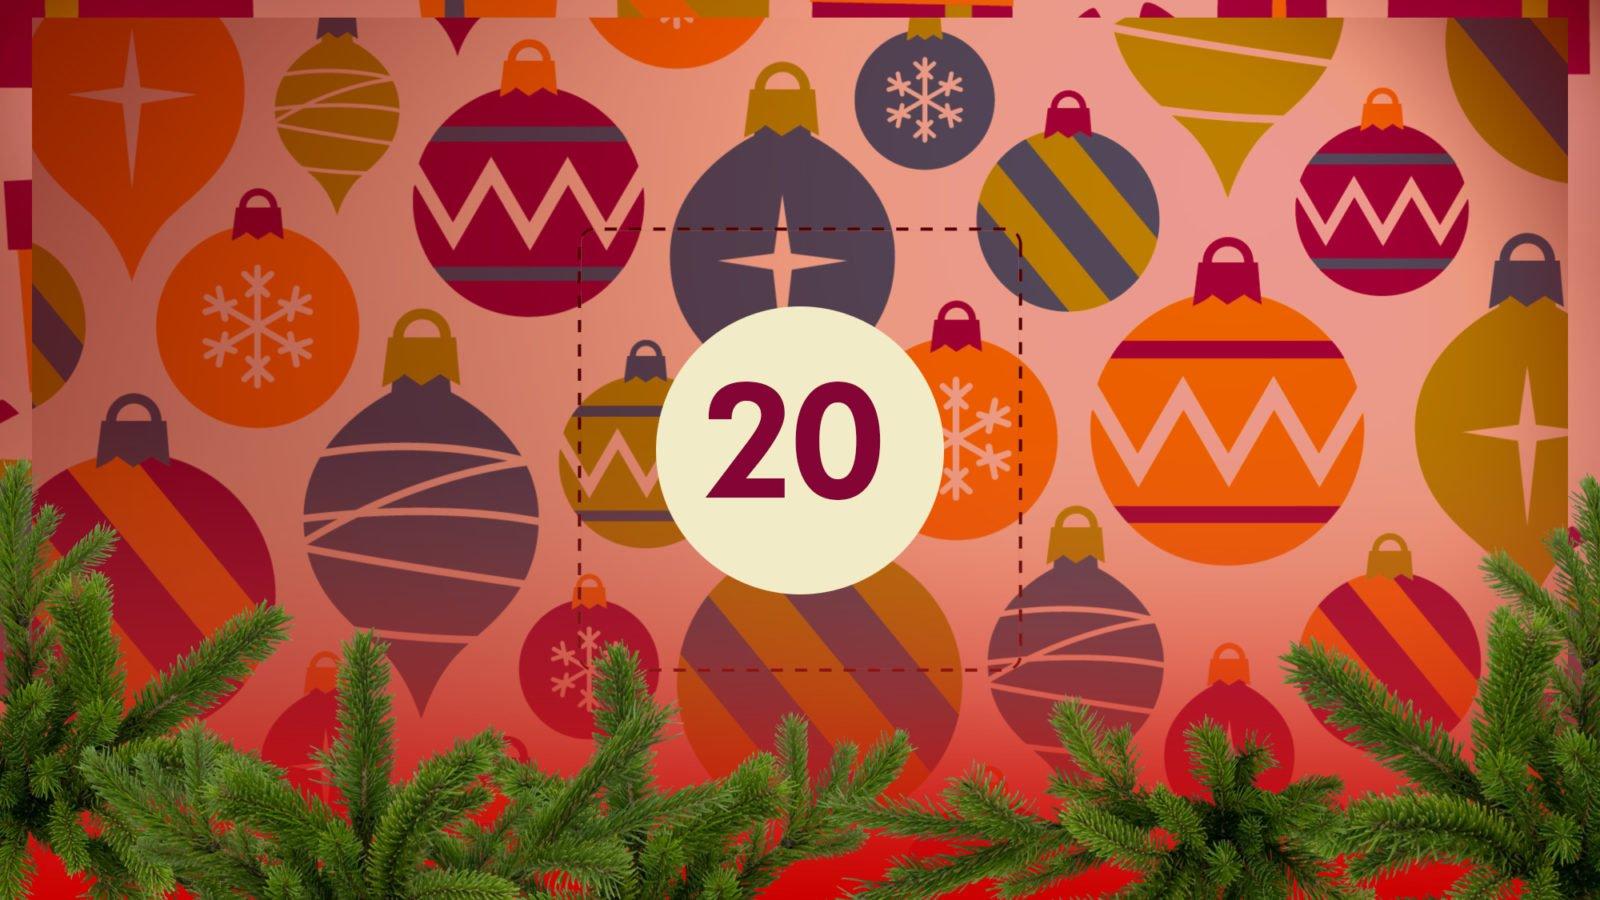 Grafik: Bunter Weihnachtsschmuck, in der Bildmitte die Zahl 20